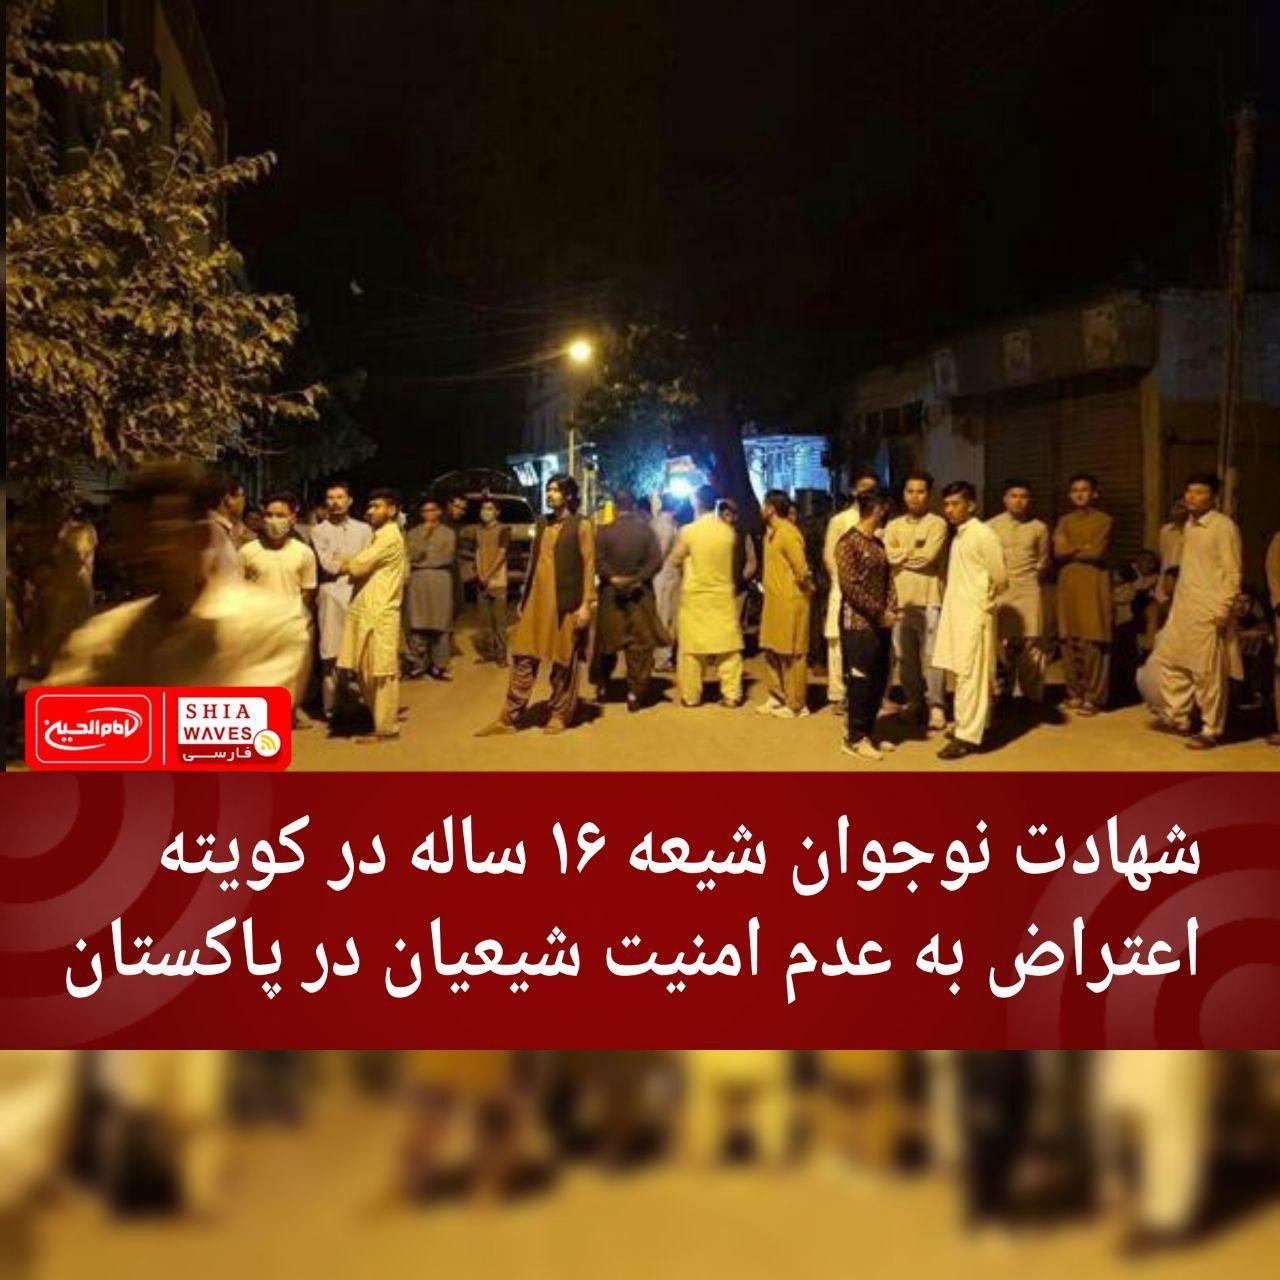 تصویر شهادت نوجوان شیعه ۱۶ ساله در کویته/اعتراض به عدم امنیت شیعیان در پاکستان